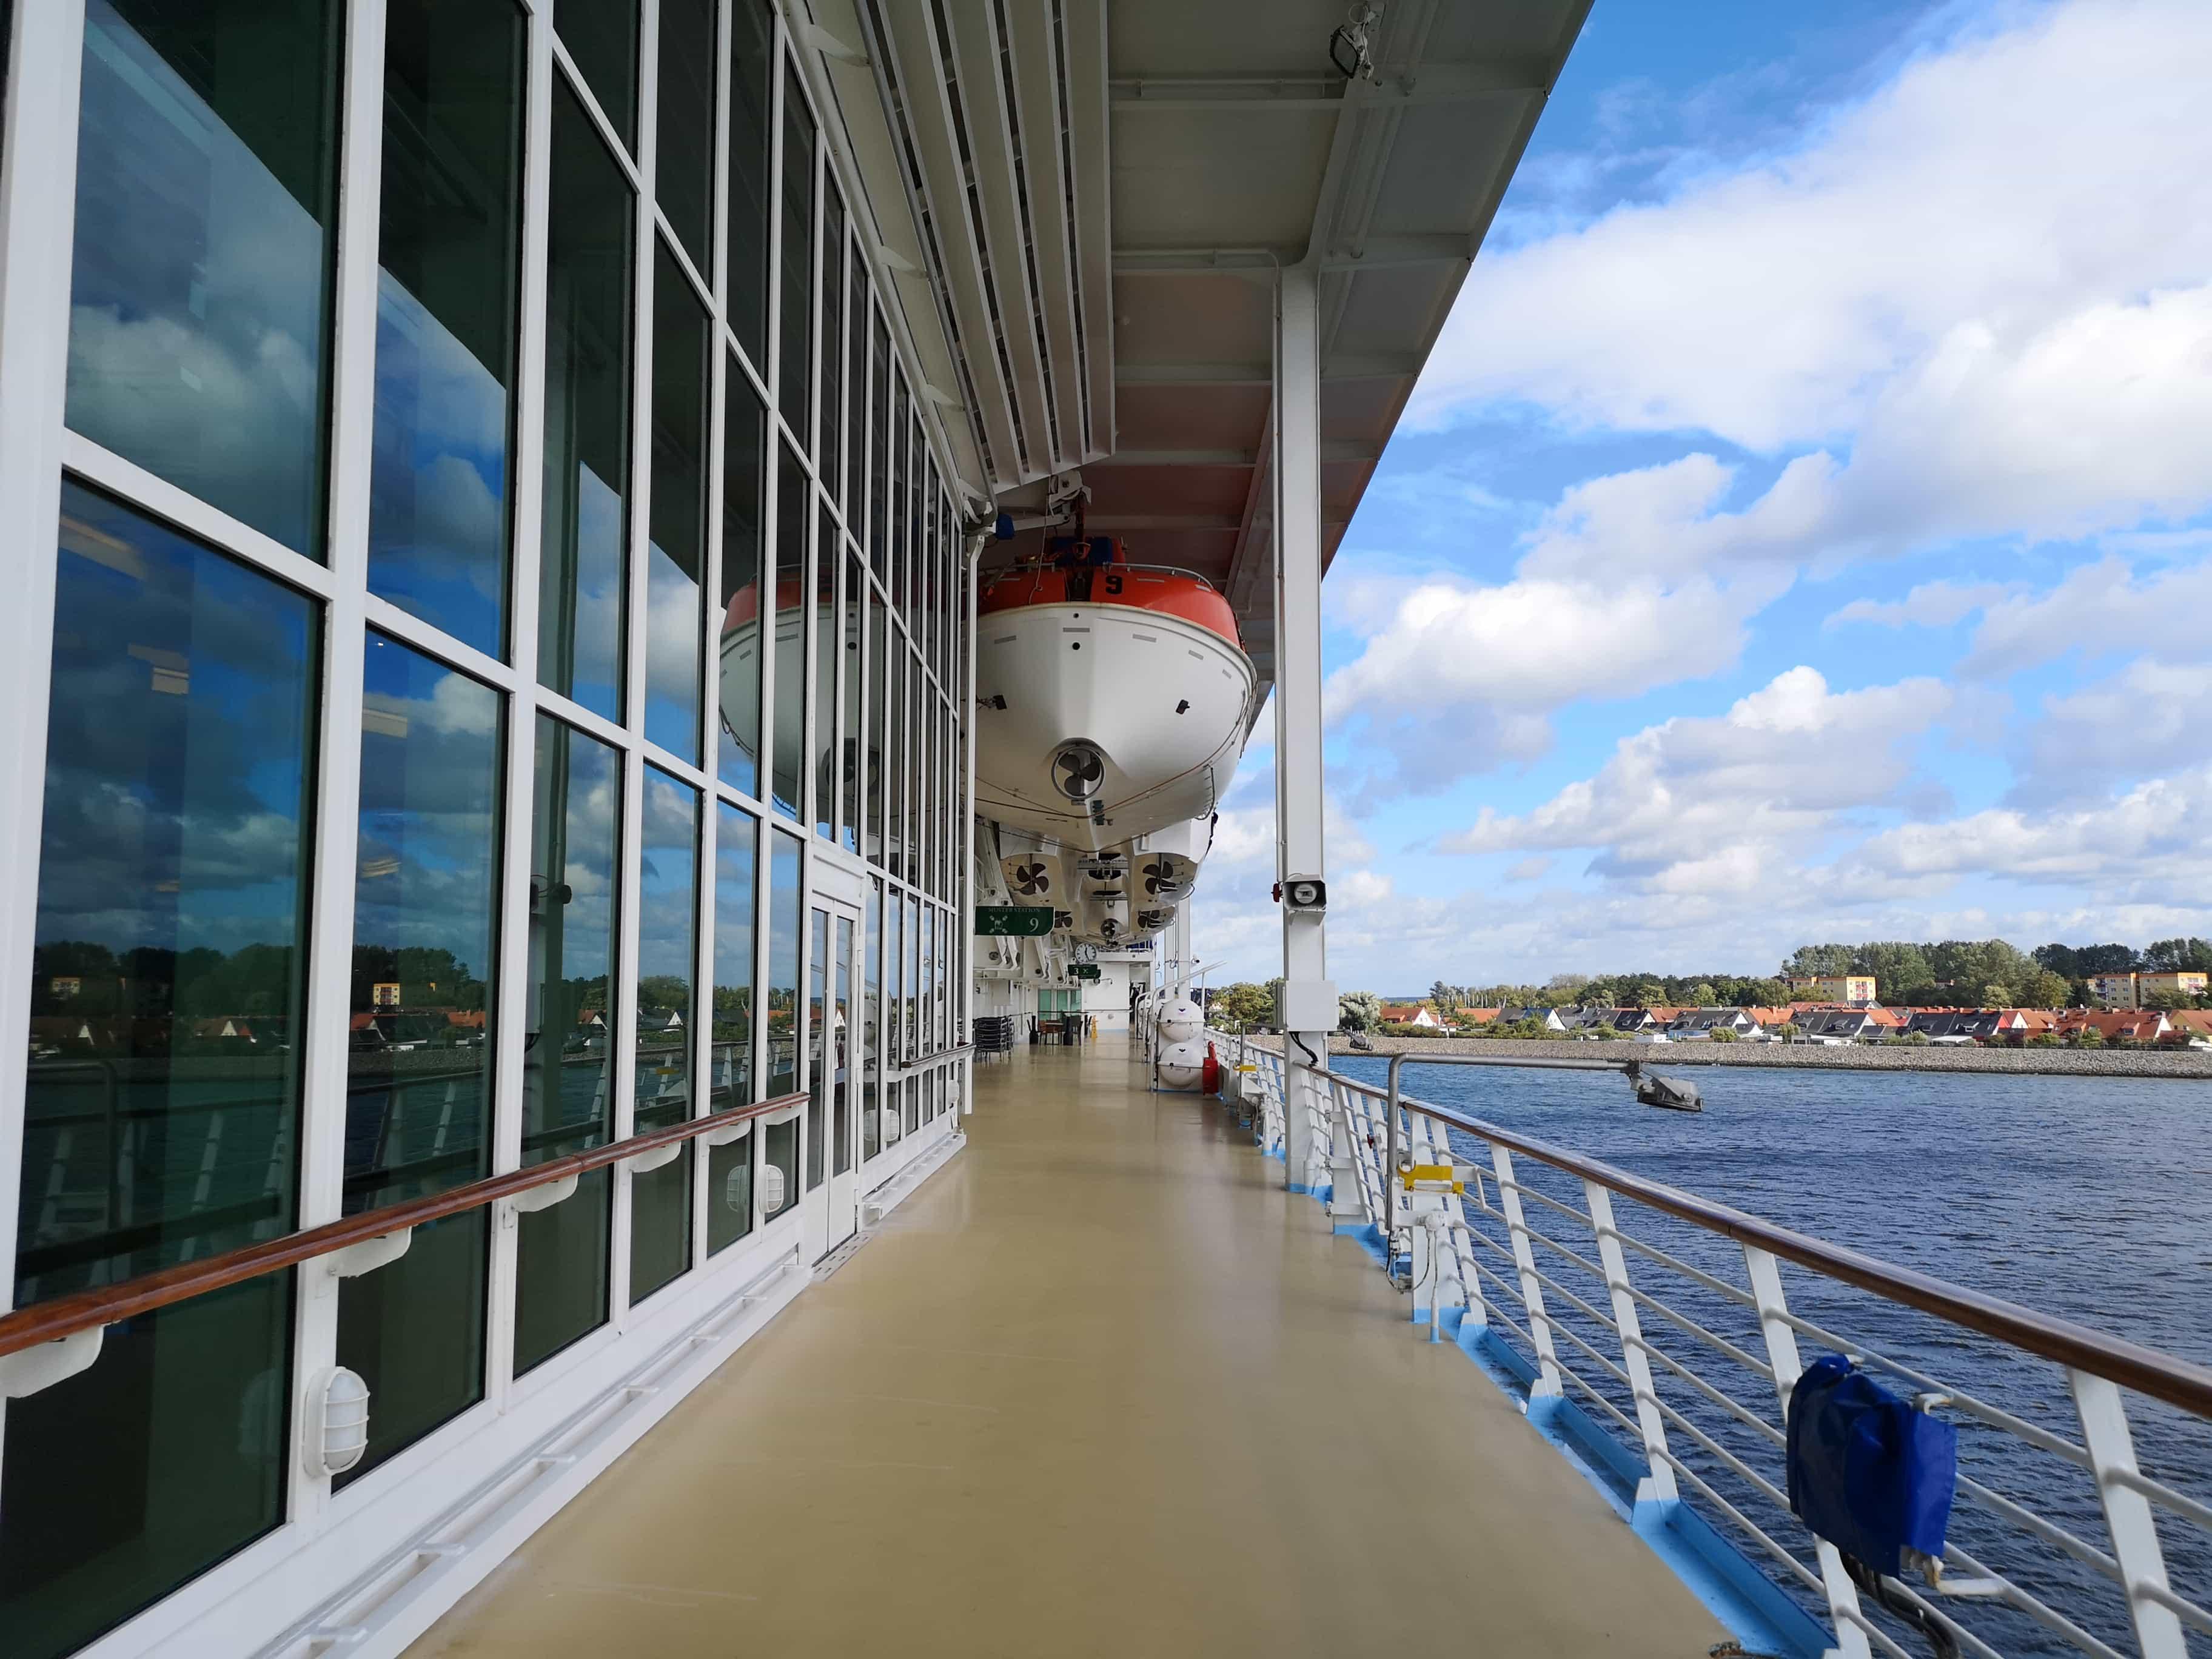 Marella Discovery Promenade Deck Life Boats Wrap around